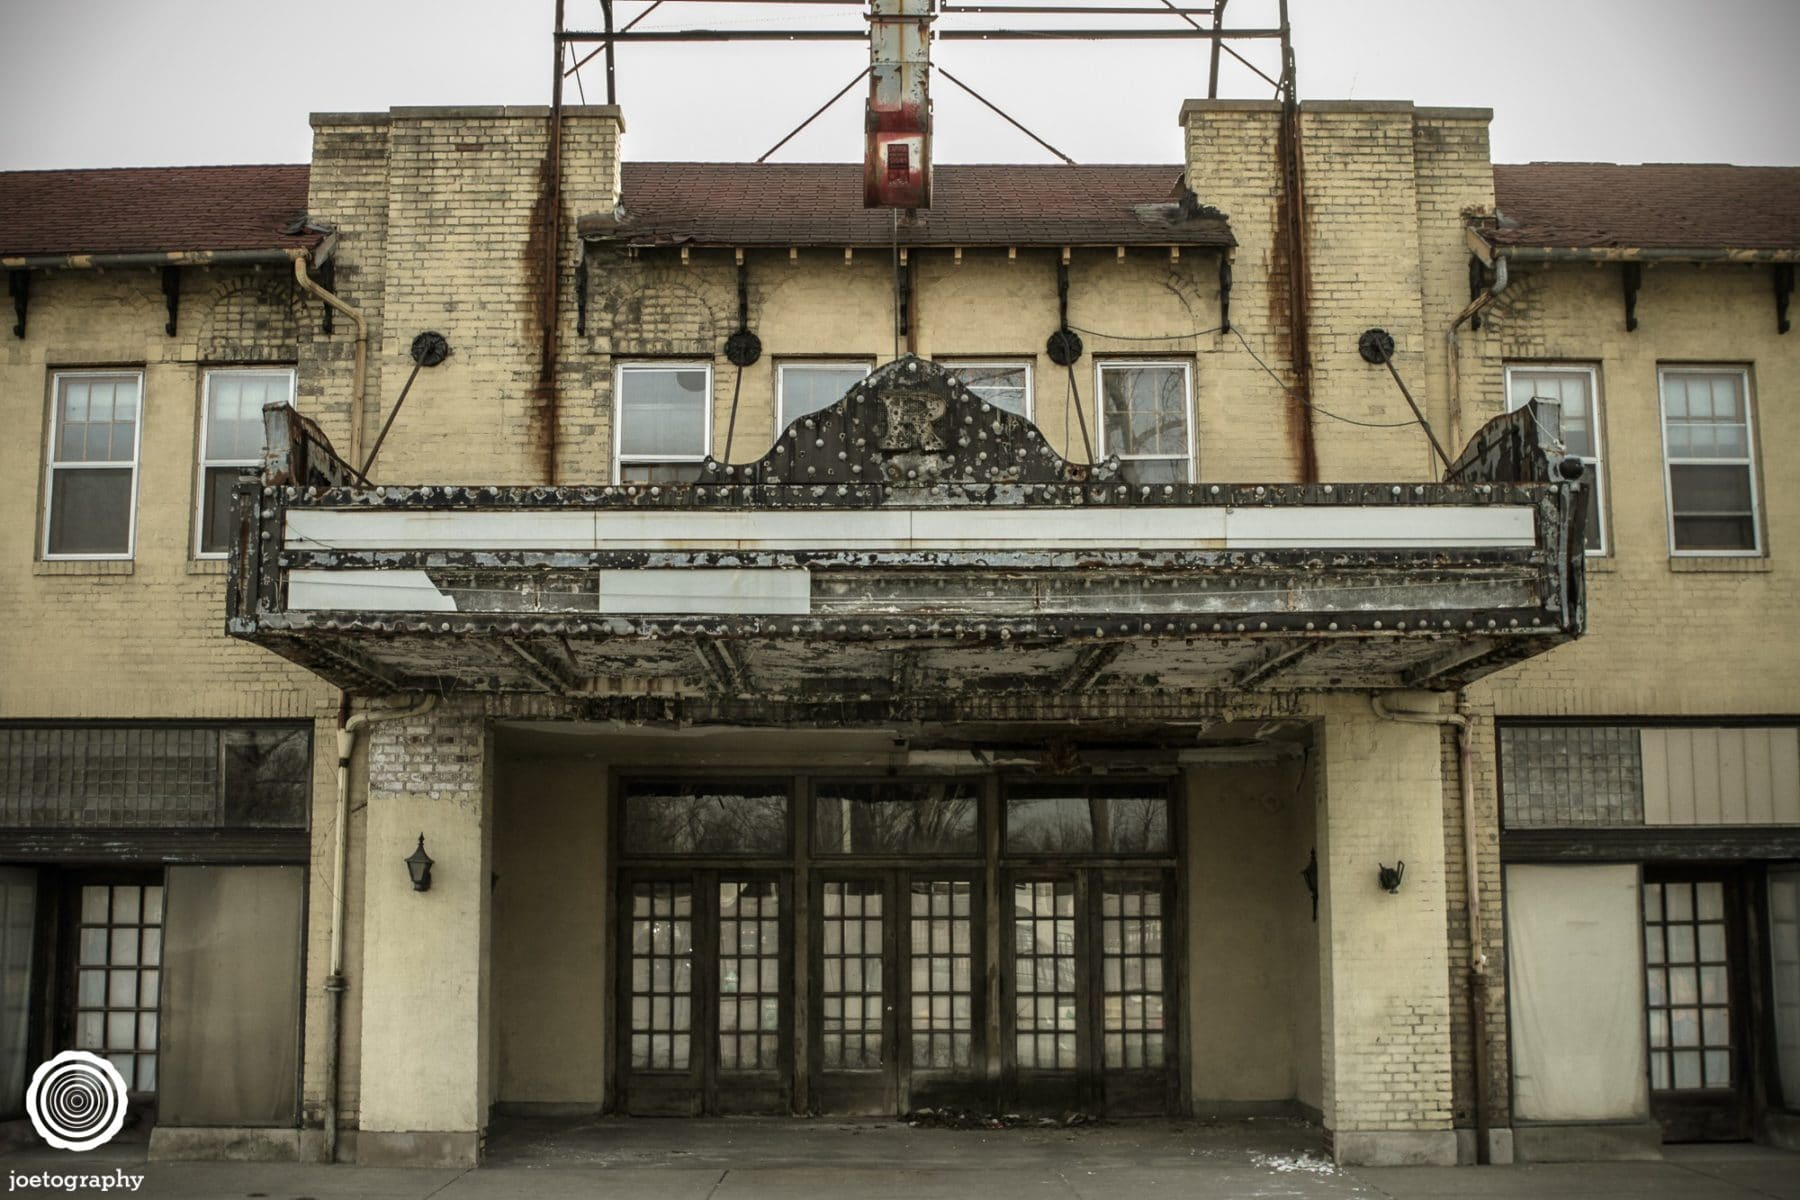 Rivoli-Theatre-Architecture-Photography-Indianapolis-6